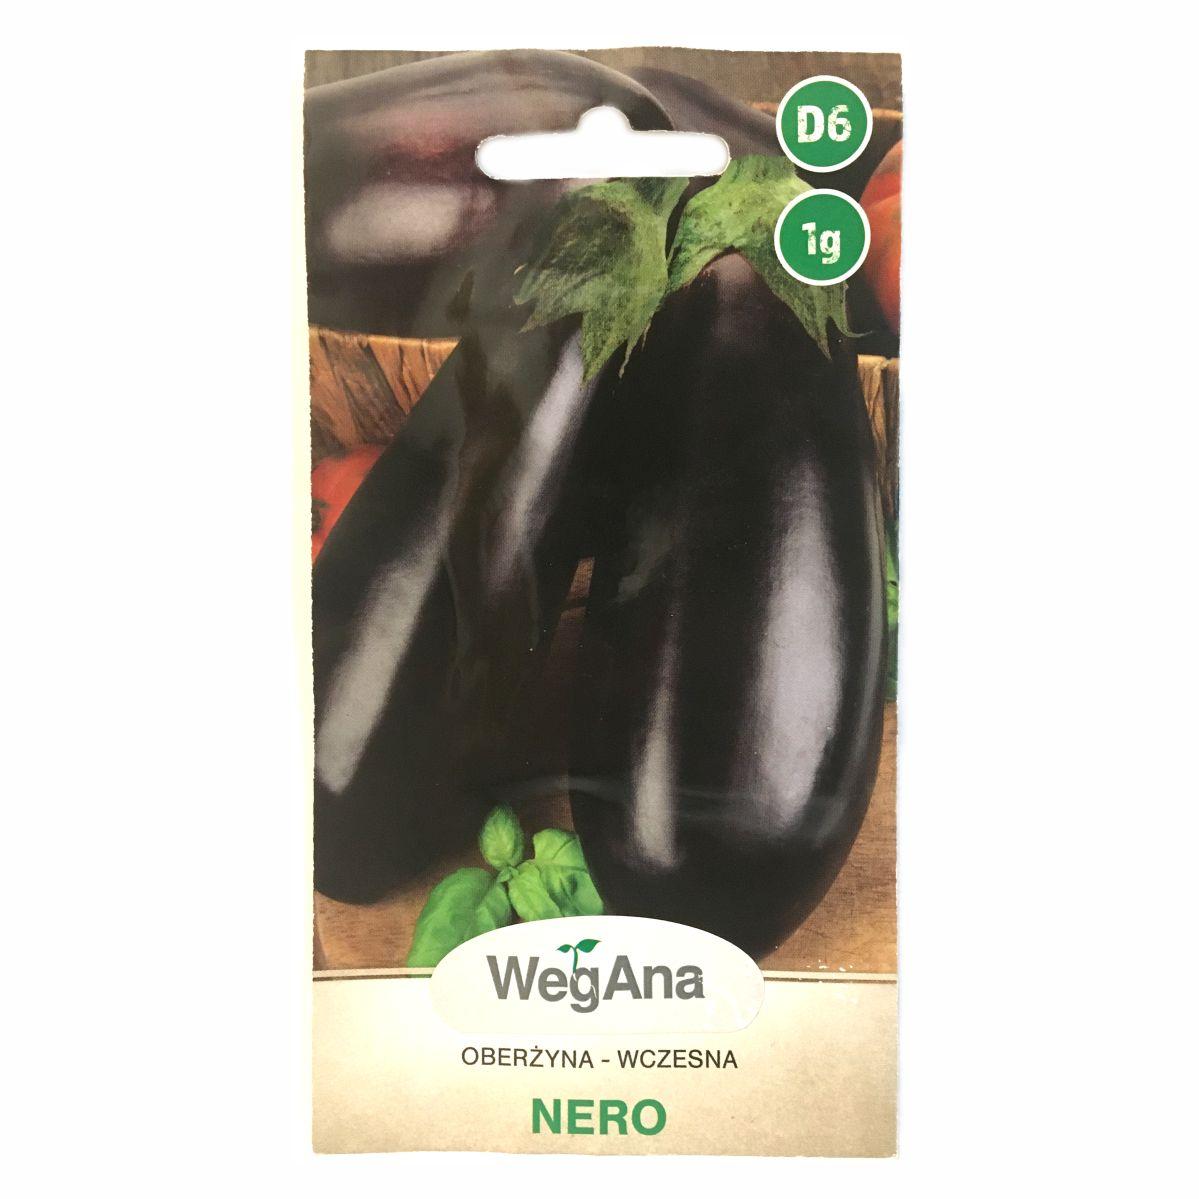 Oberżyna bakłażan Nero nasiona WegAna